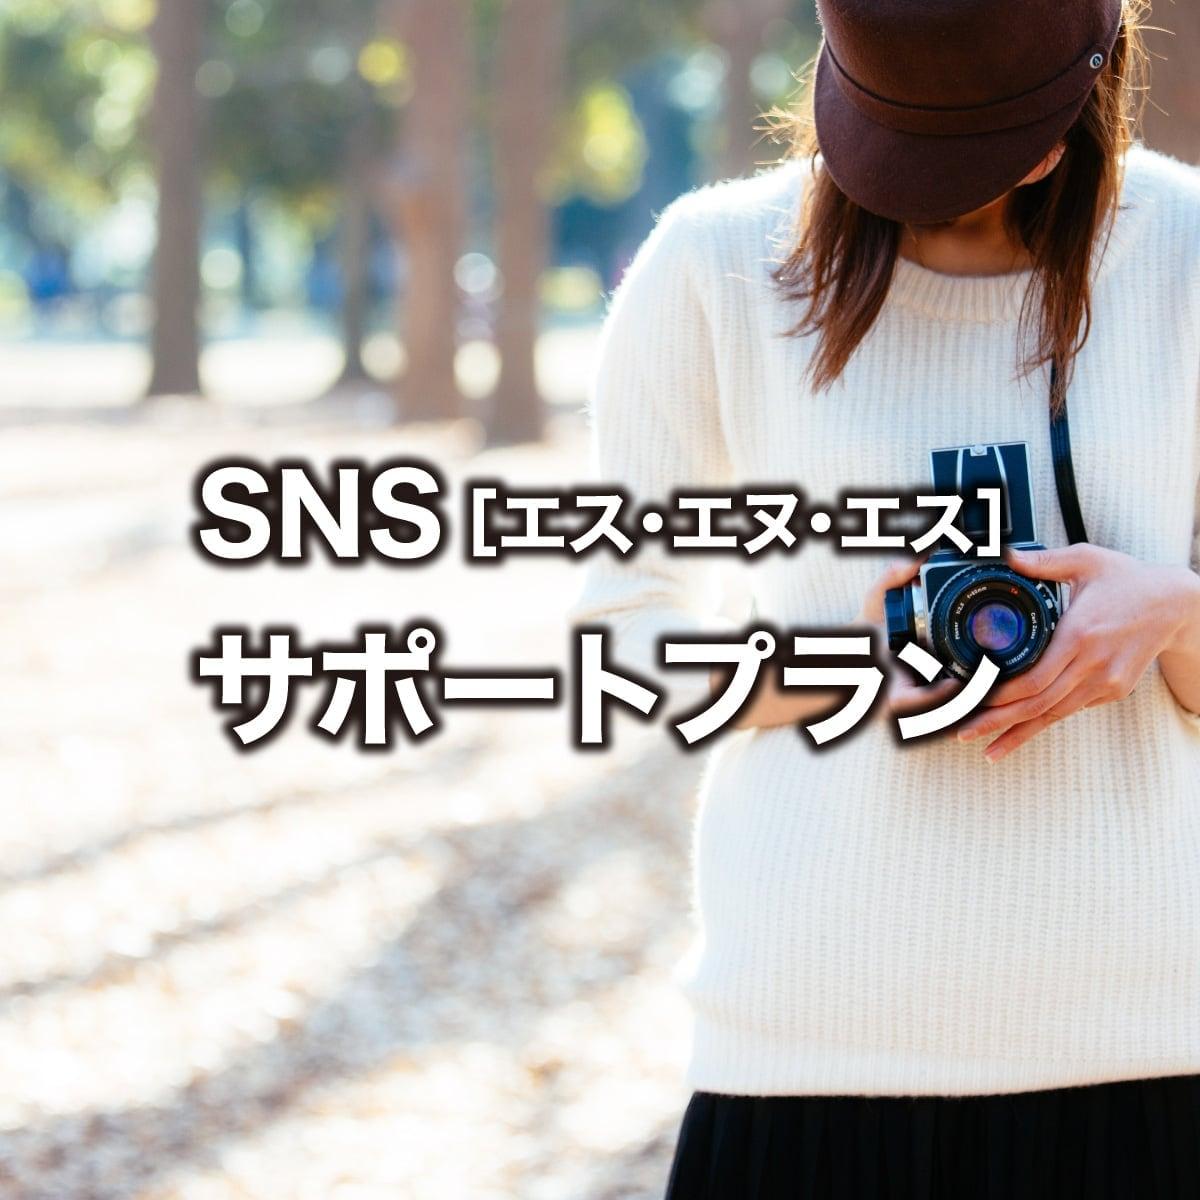 SNSサポートプラン(3ヶ月お試しコース)のイメージその1